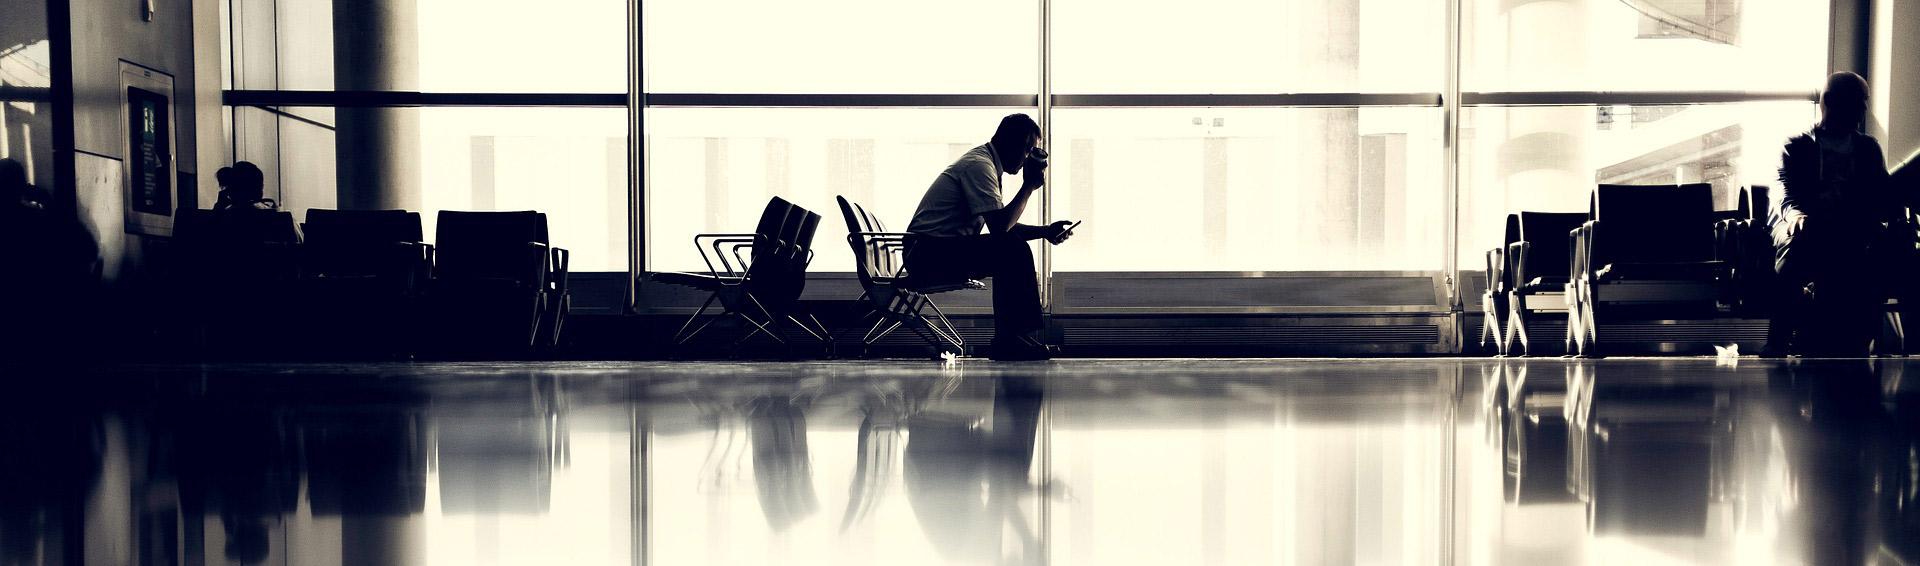 Dienstreisen Verspätung